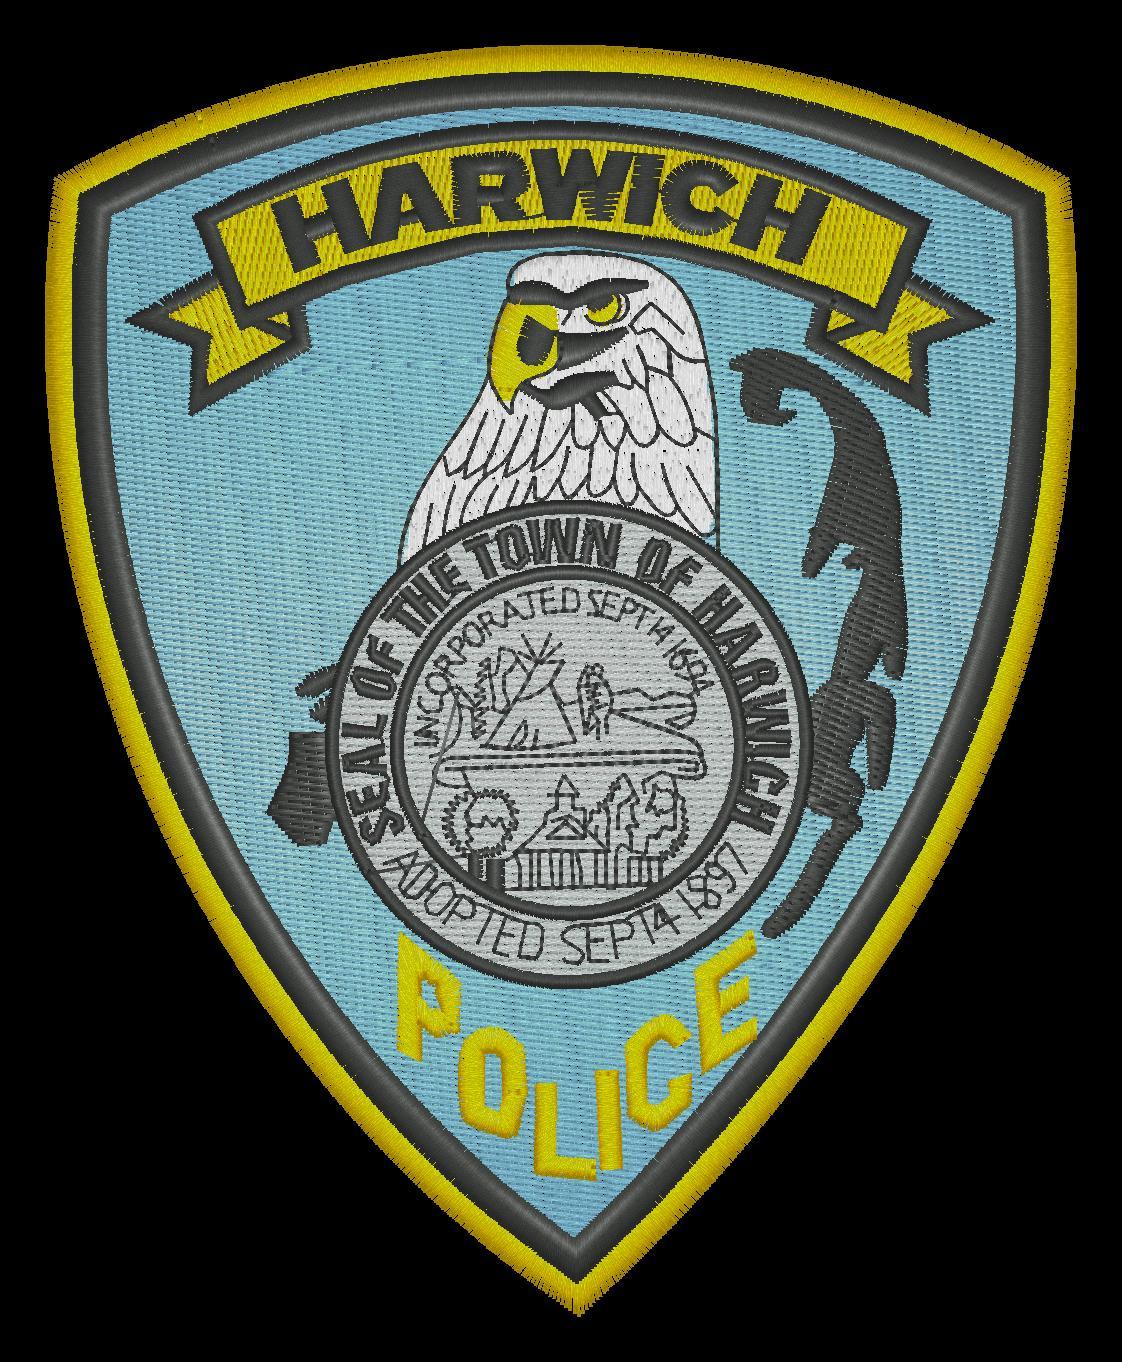 HARWICK2.jpg